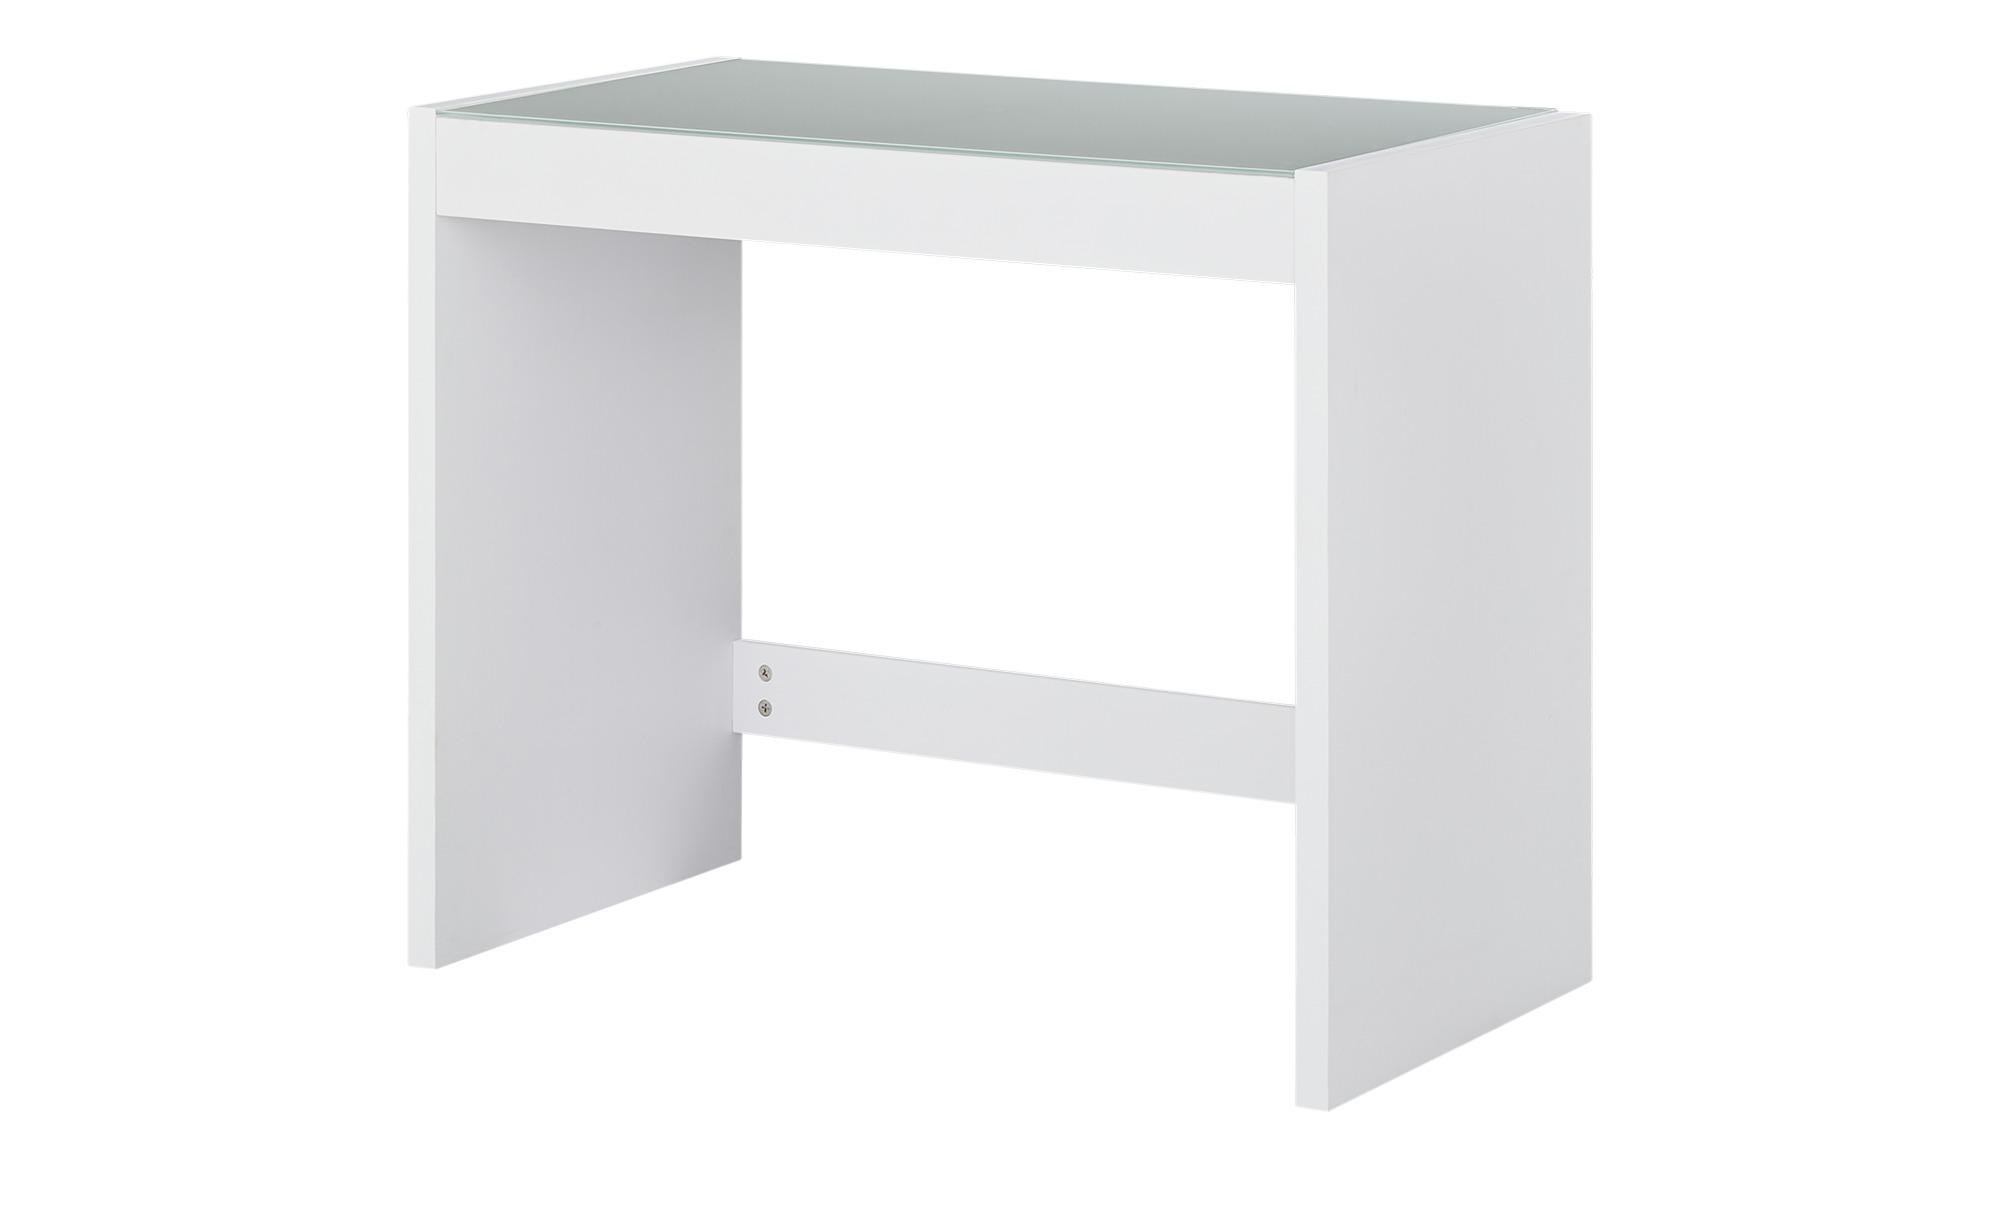 Schreibtisch mit Glasplatte  Demer ¦ weiß ¦ Maße (cm): B: 90 H: 75 T: 48 Tische > Schreibtische - Höffner